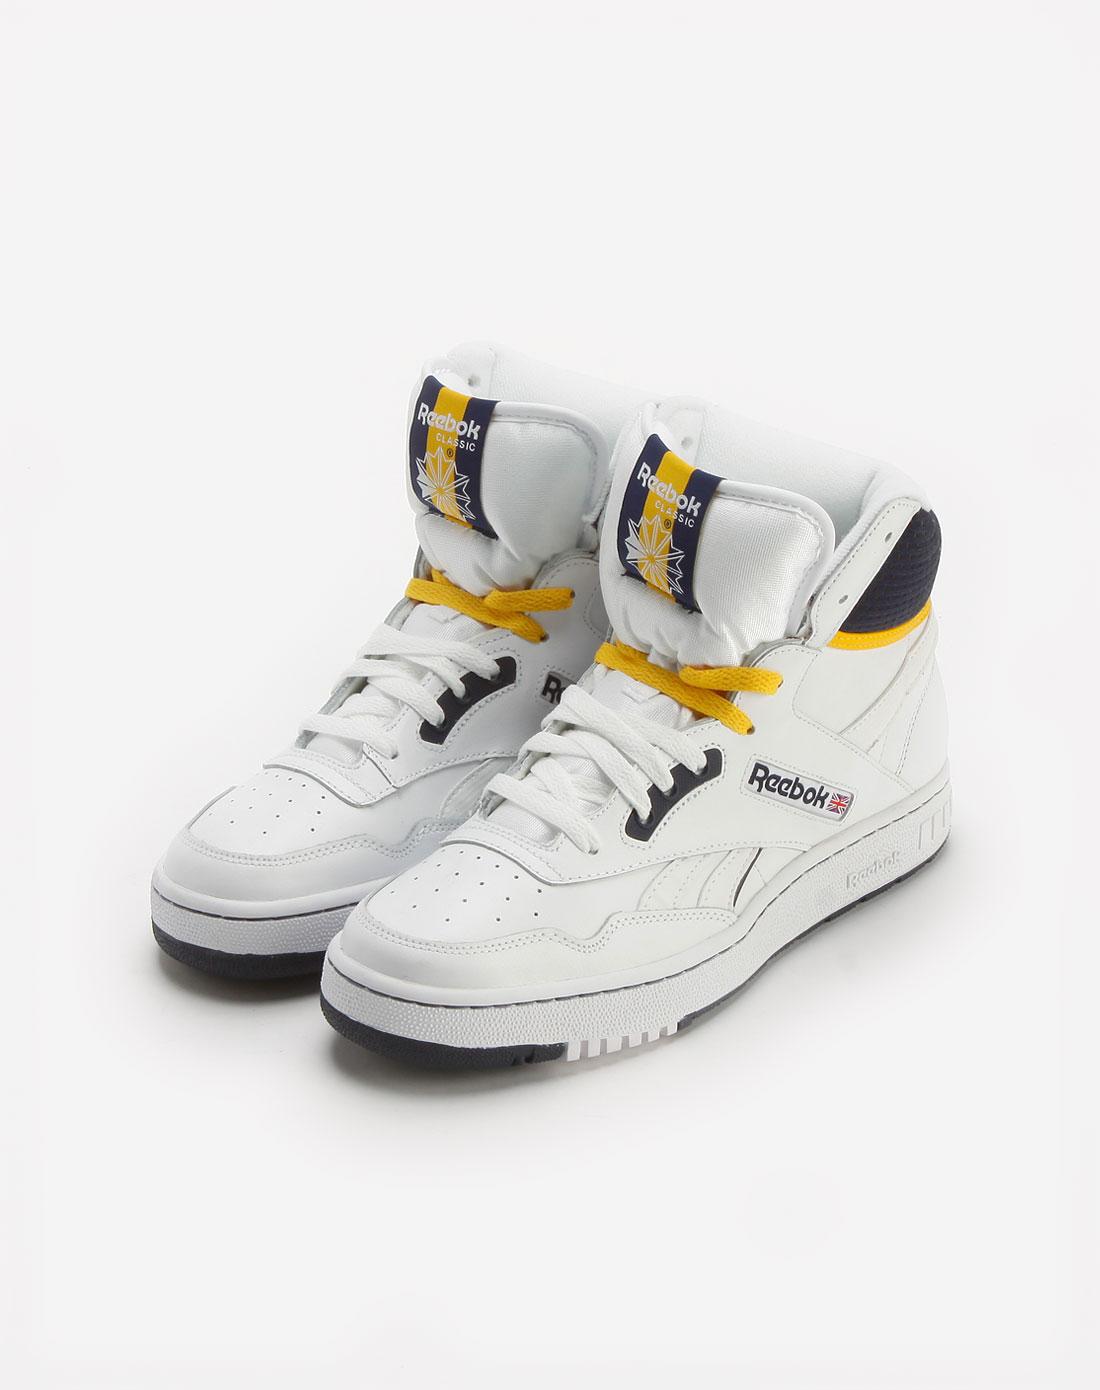 白/海军蓝/黄色高帮休闲篮球鞋